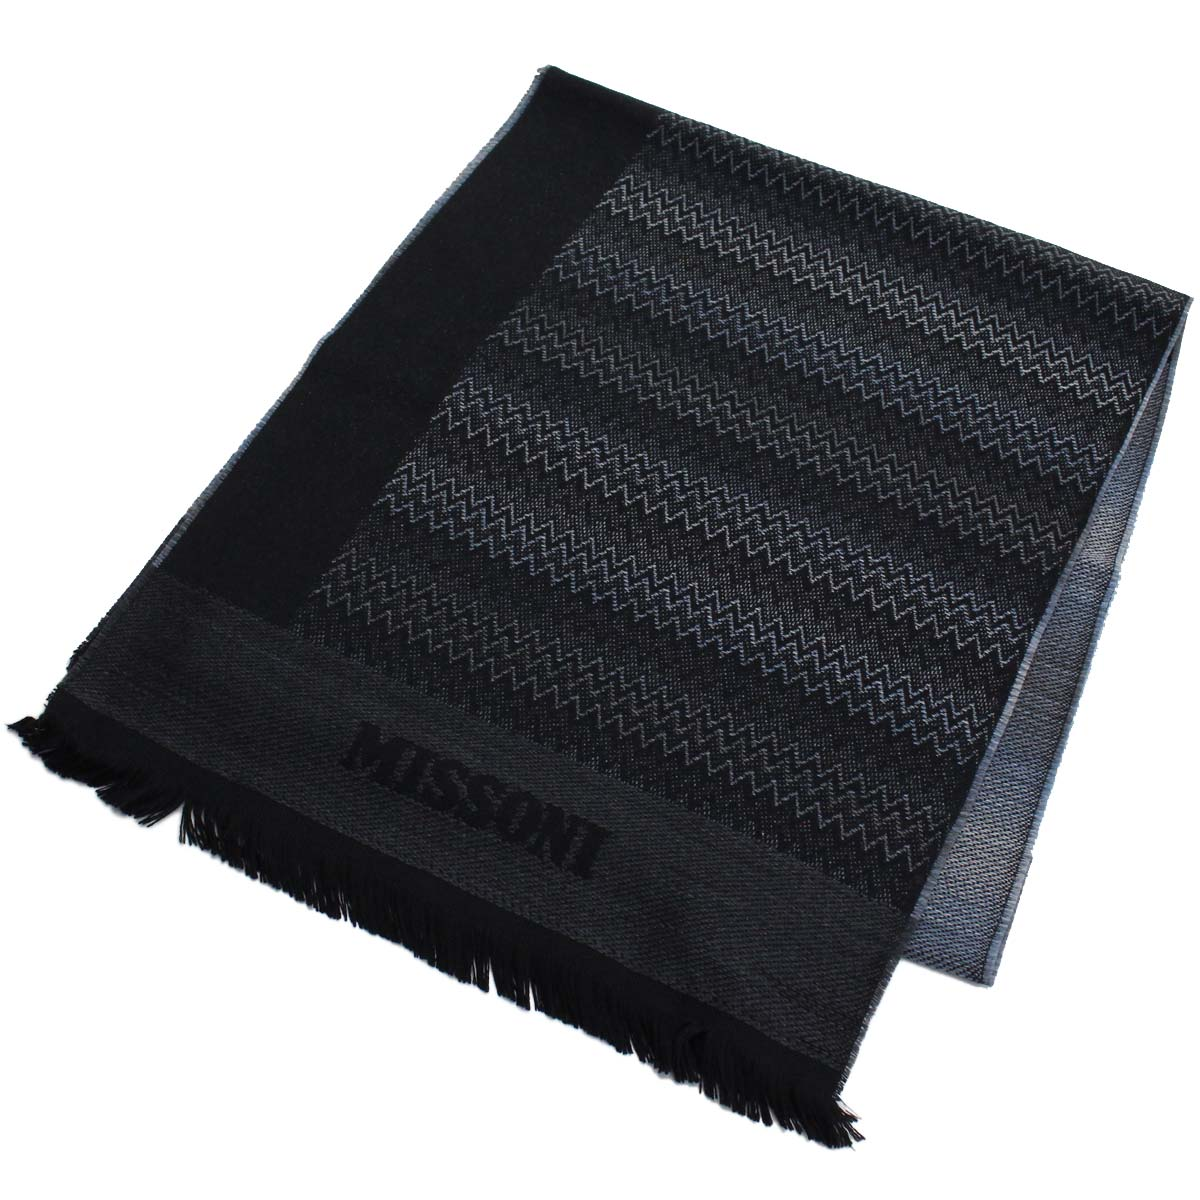 ミッソーニ MISSONI ウール マフラー 0833 4 ブラック マルチカラー メンズ レディース 【キャッシュレス 5% 還元】